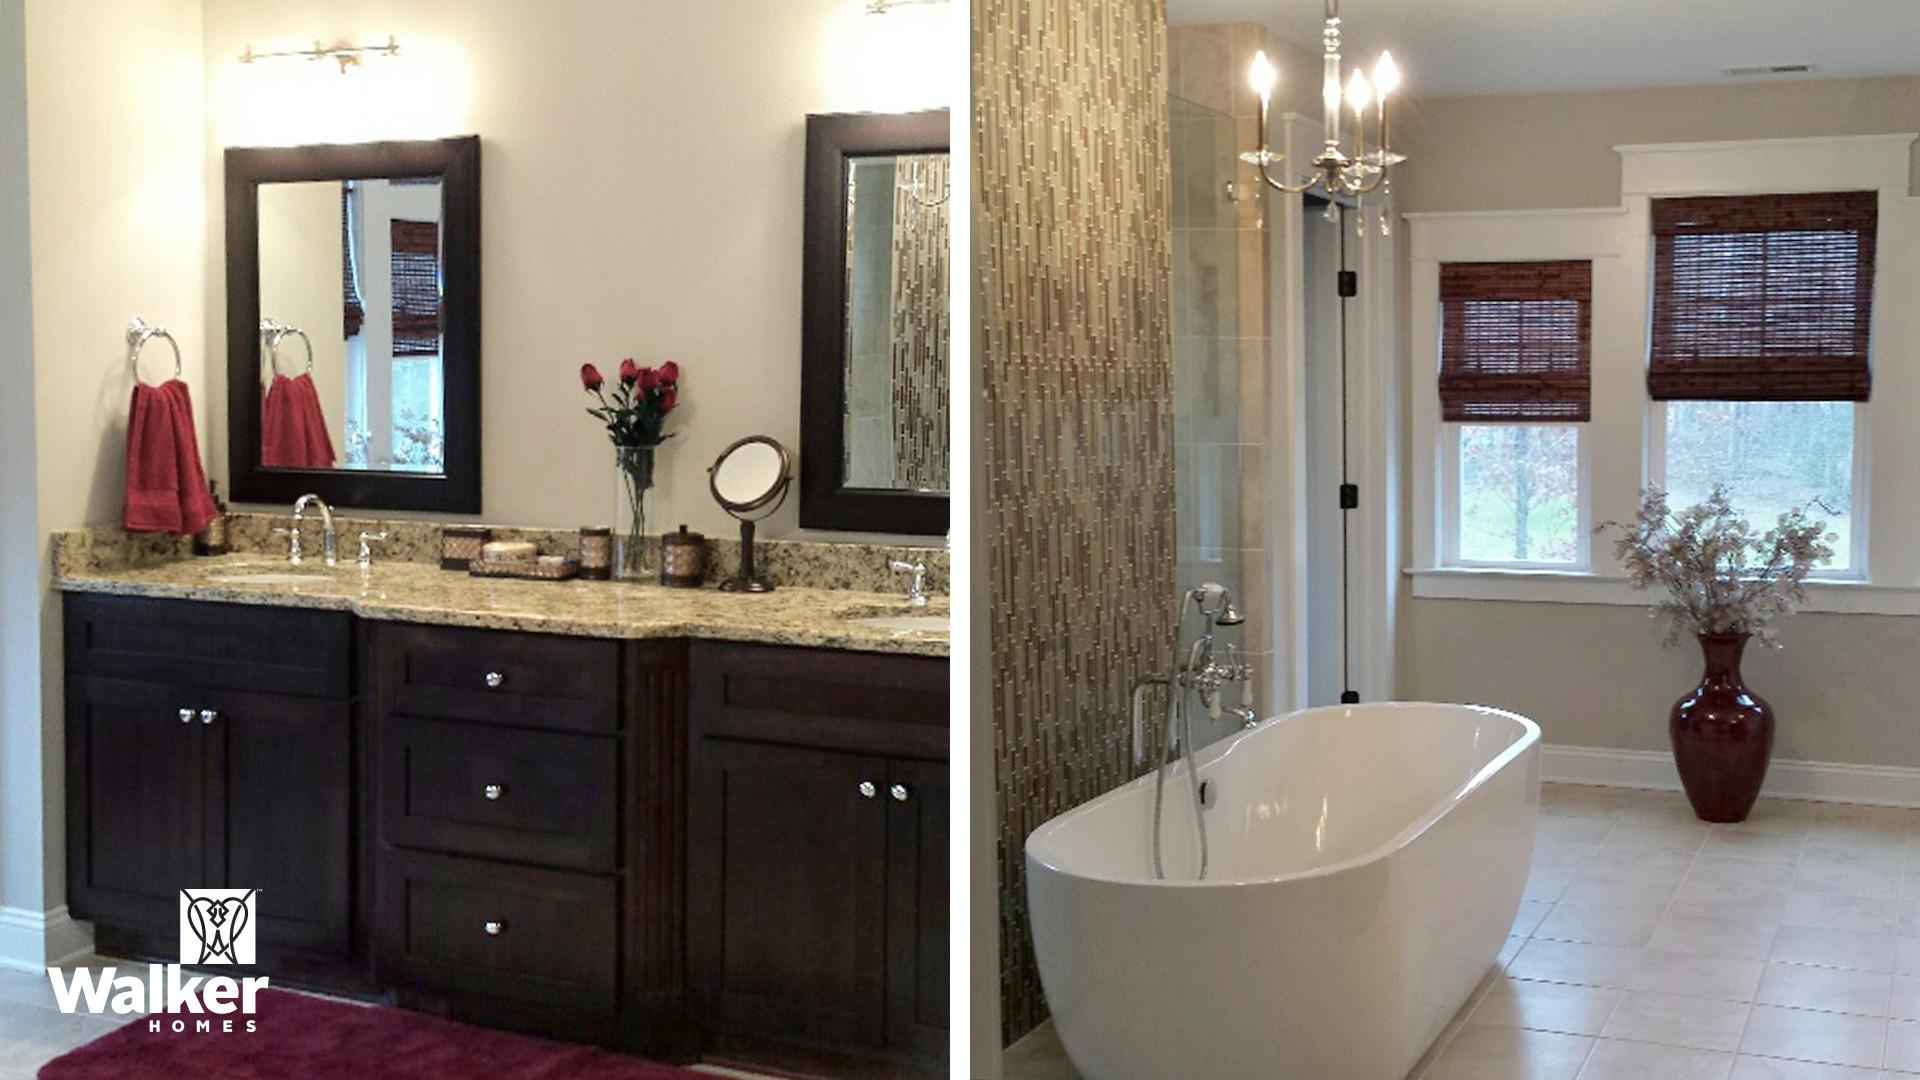 The Winstead II Master Bathroom by Walker Homes in Glen Allen, Virginia